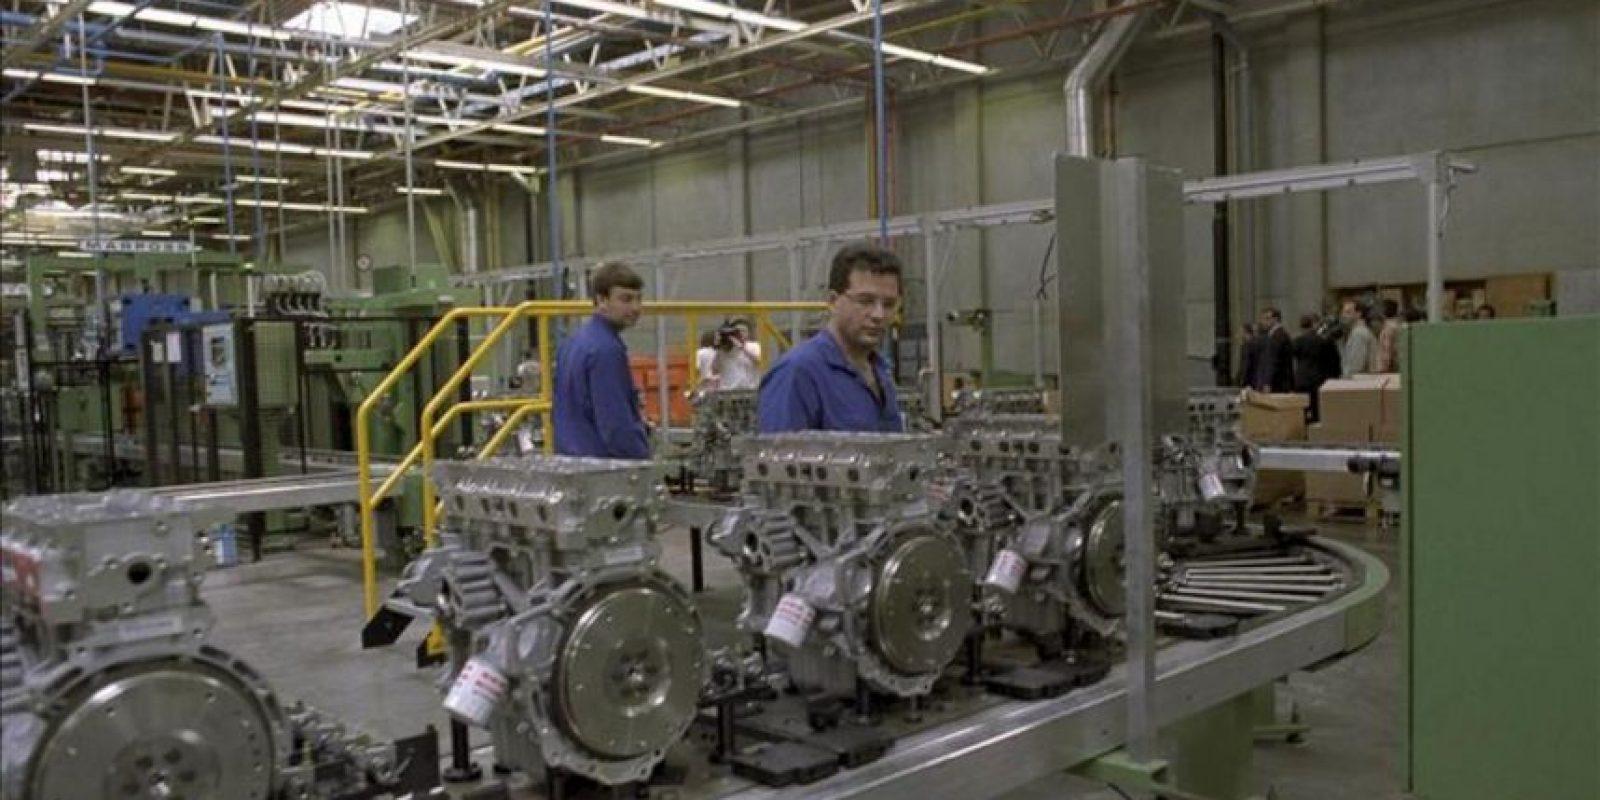 Unos operarios trabajan en la cadena de montaje de motores Zetec, en la fábrica Ford, en Valencia. EFE/Archivo